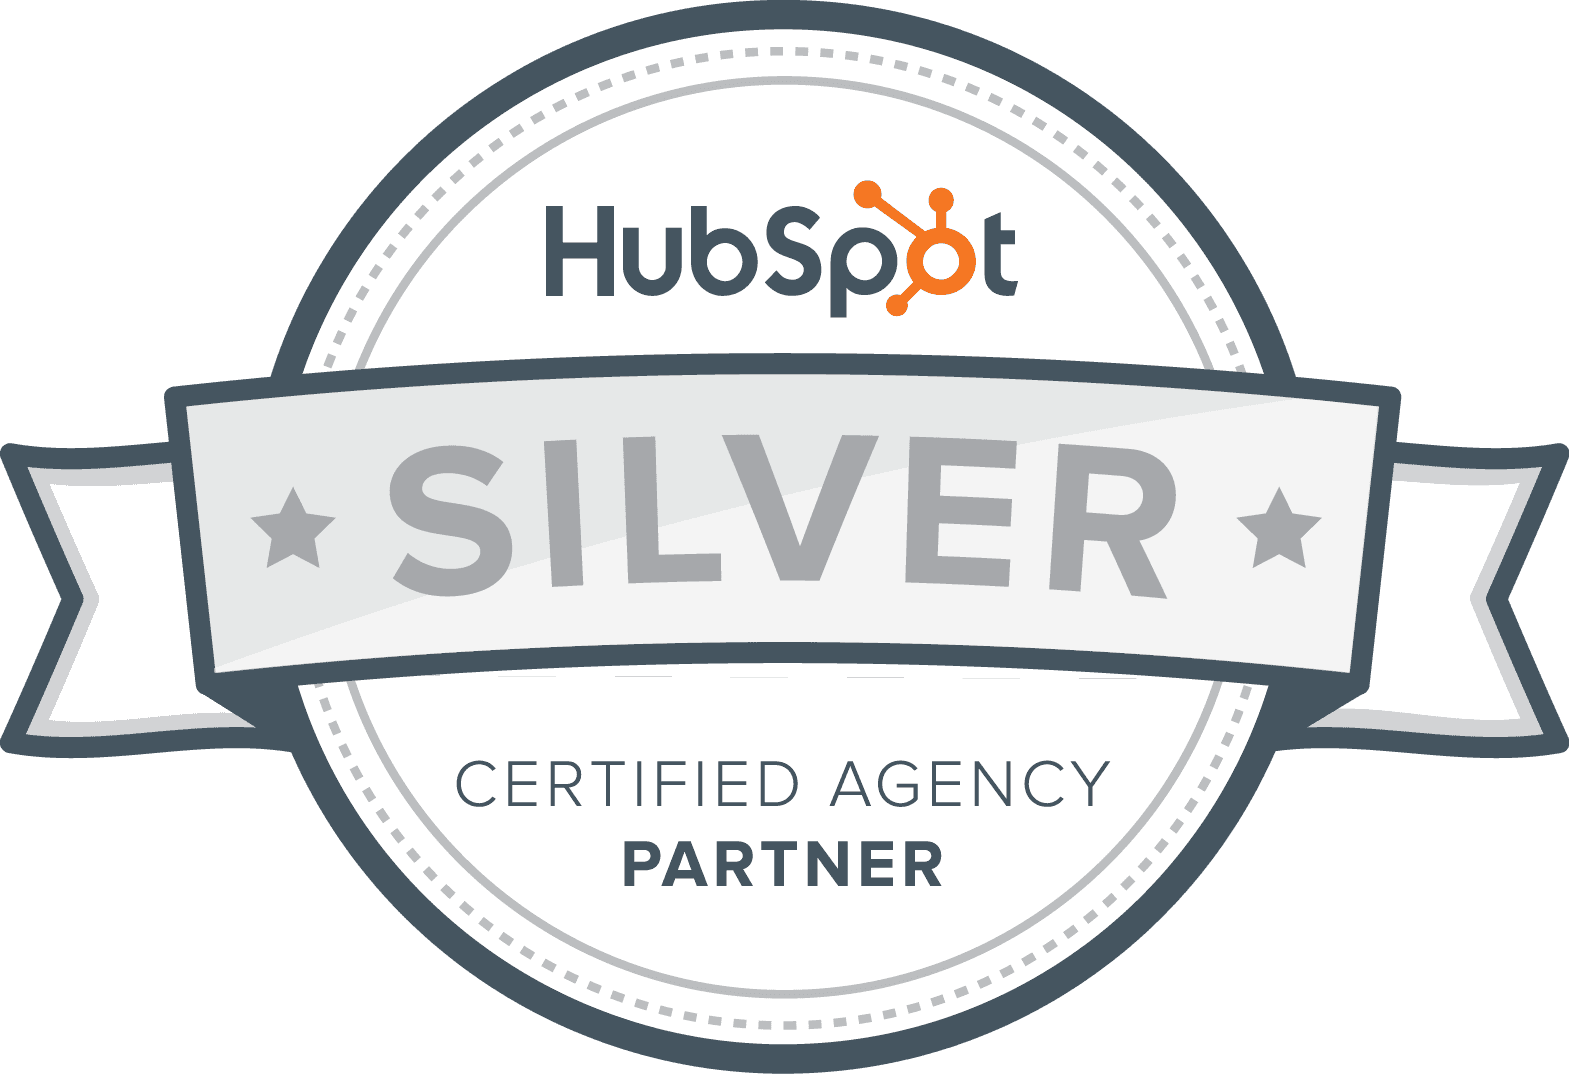 hubspot-inbound-partner